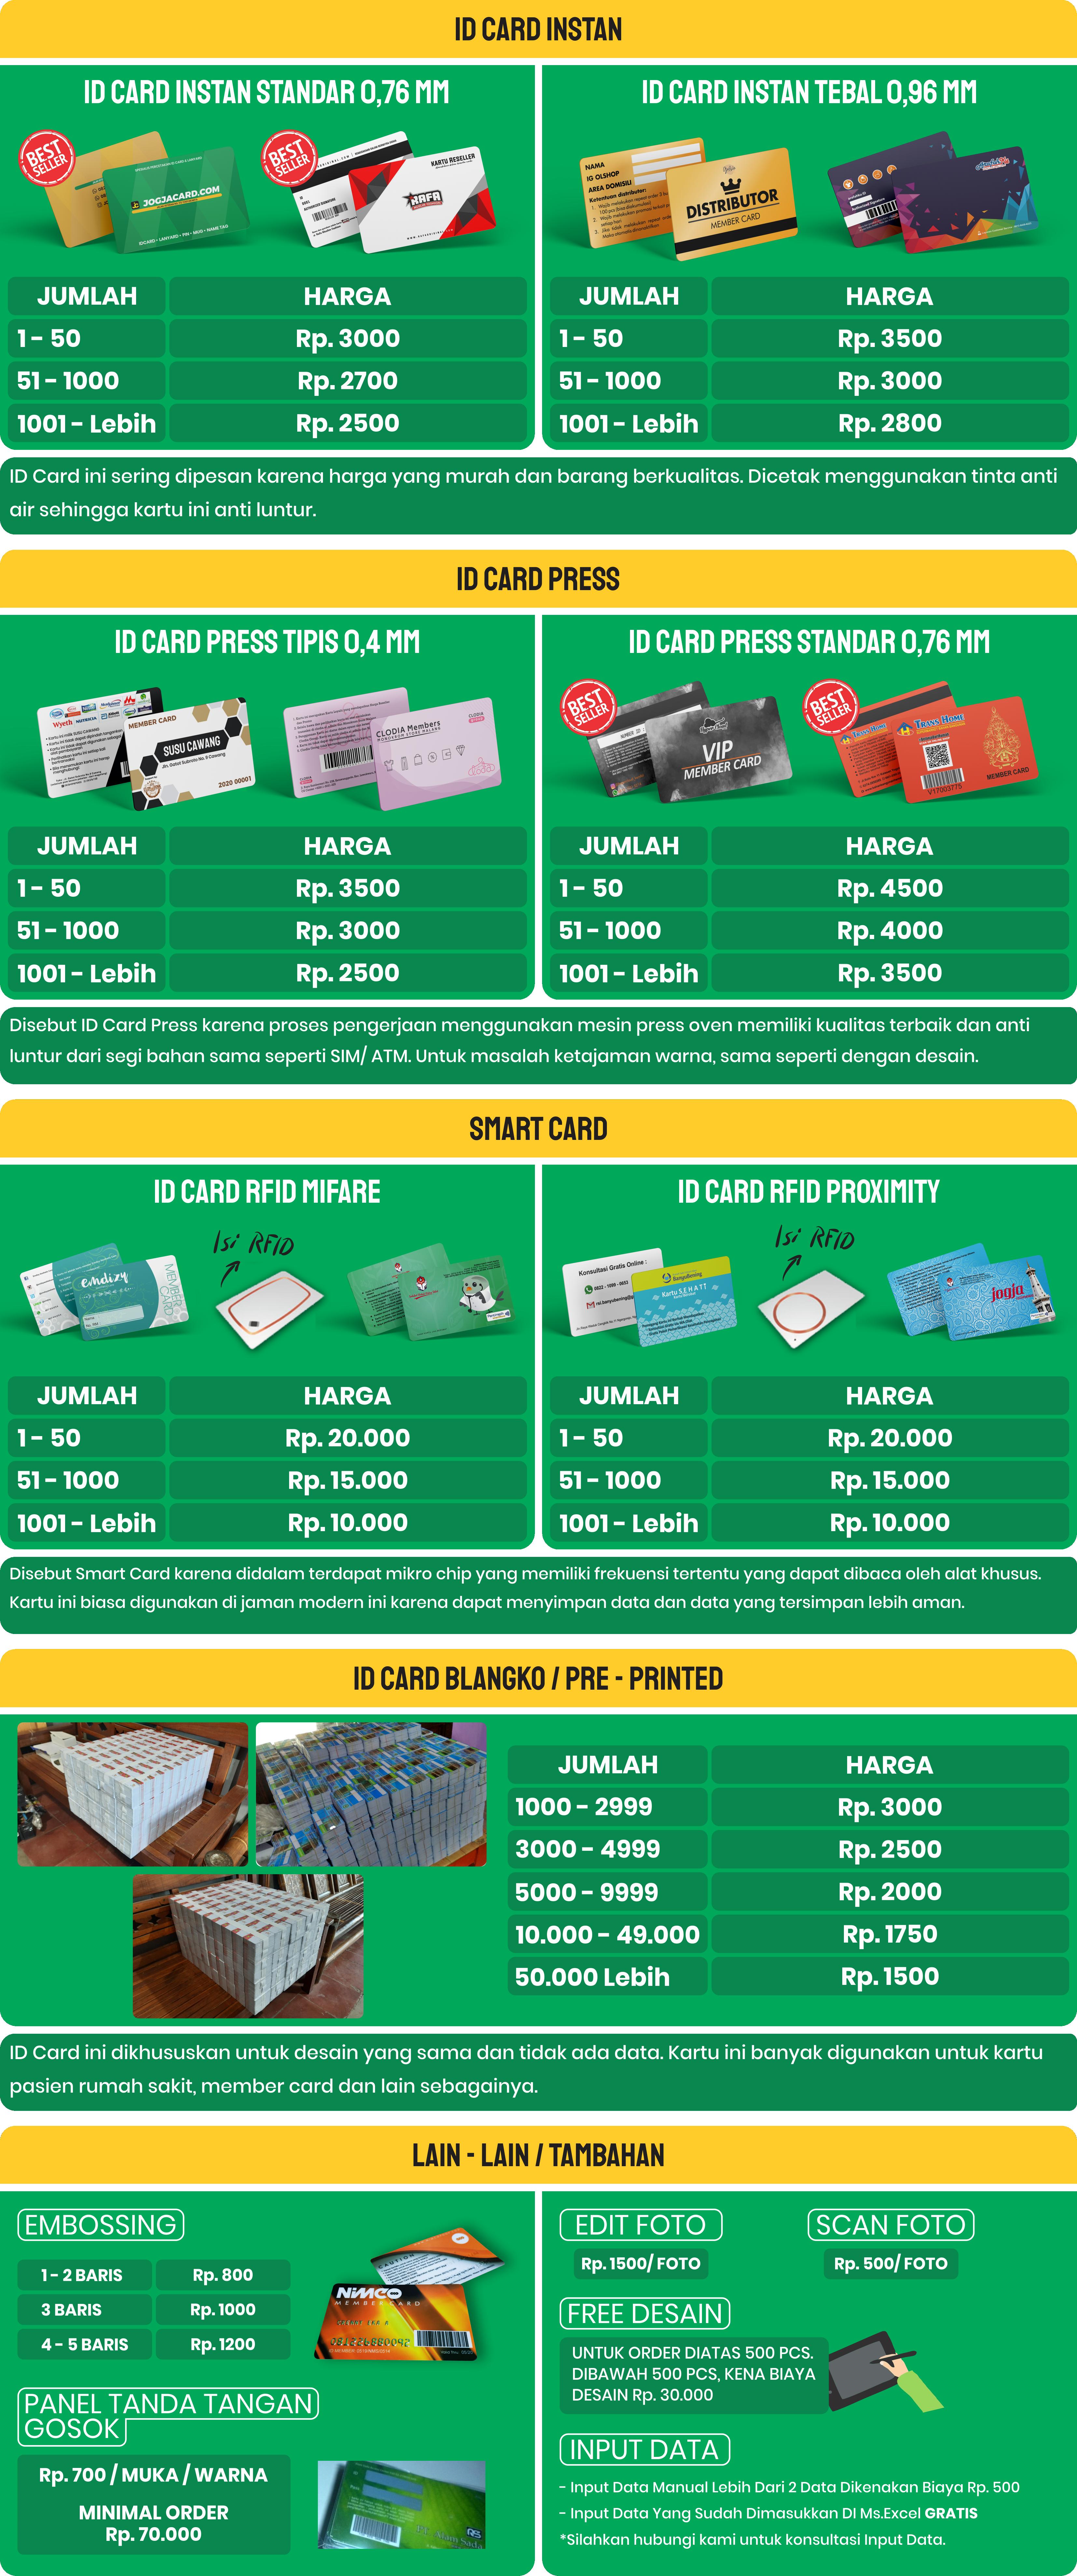 daftar harga idcard